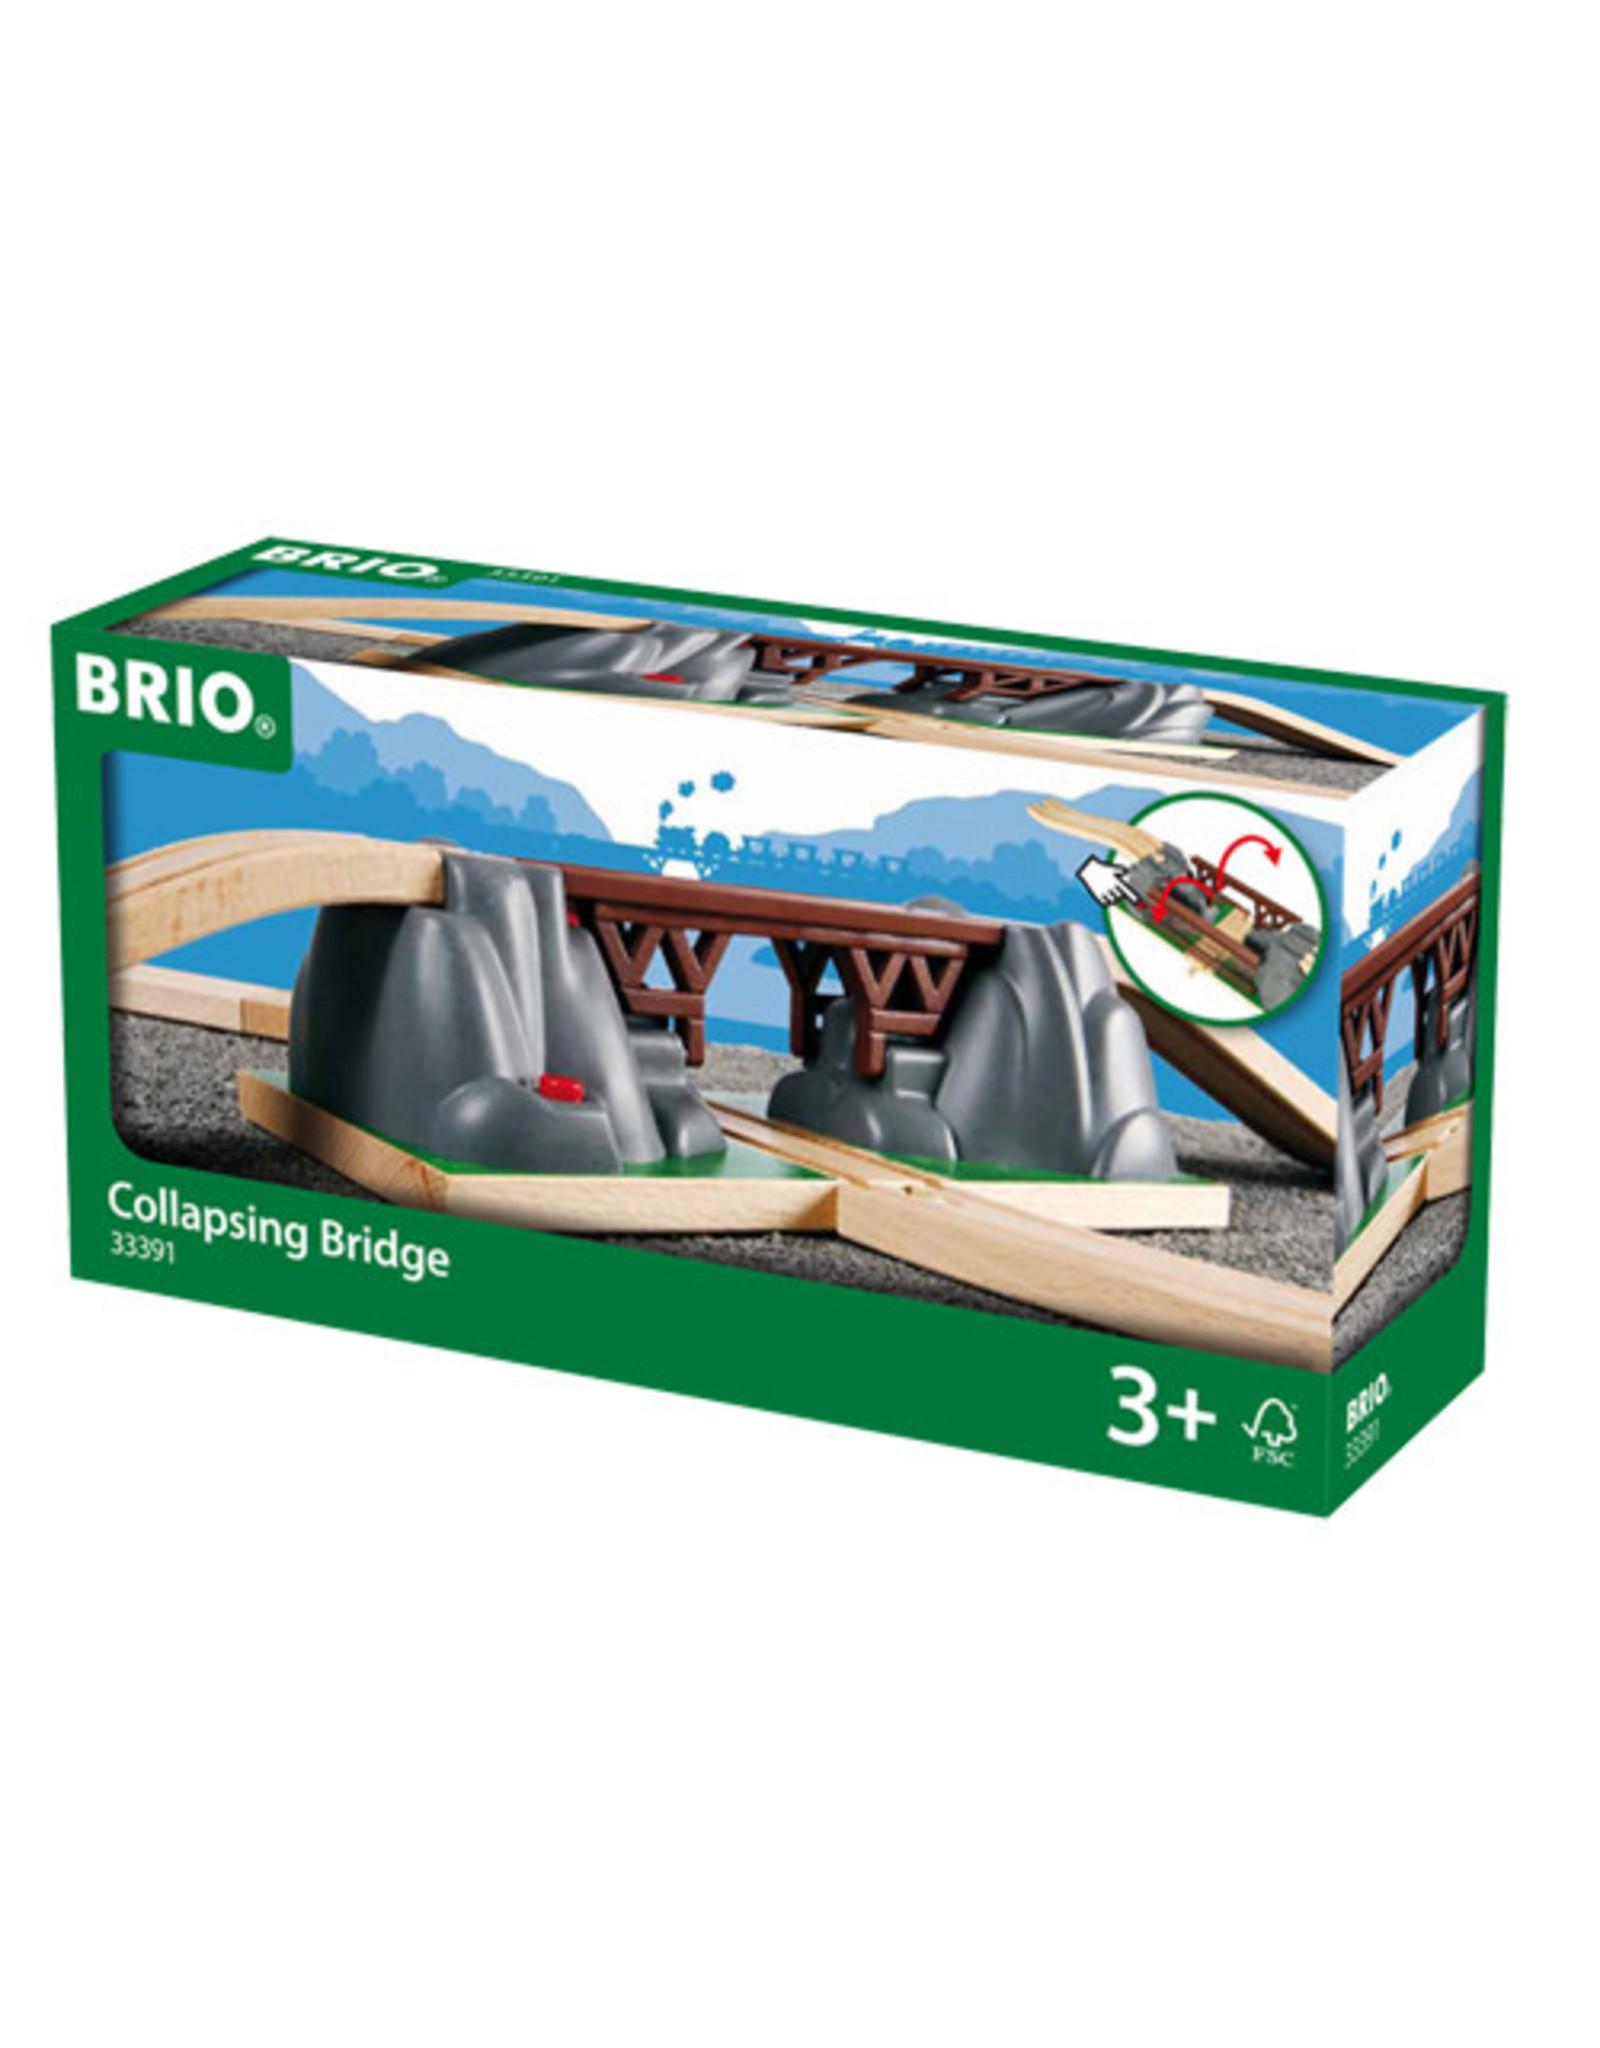 BRIO CORPORATION COLLAPSING BRIDGE